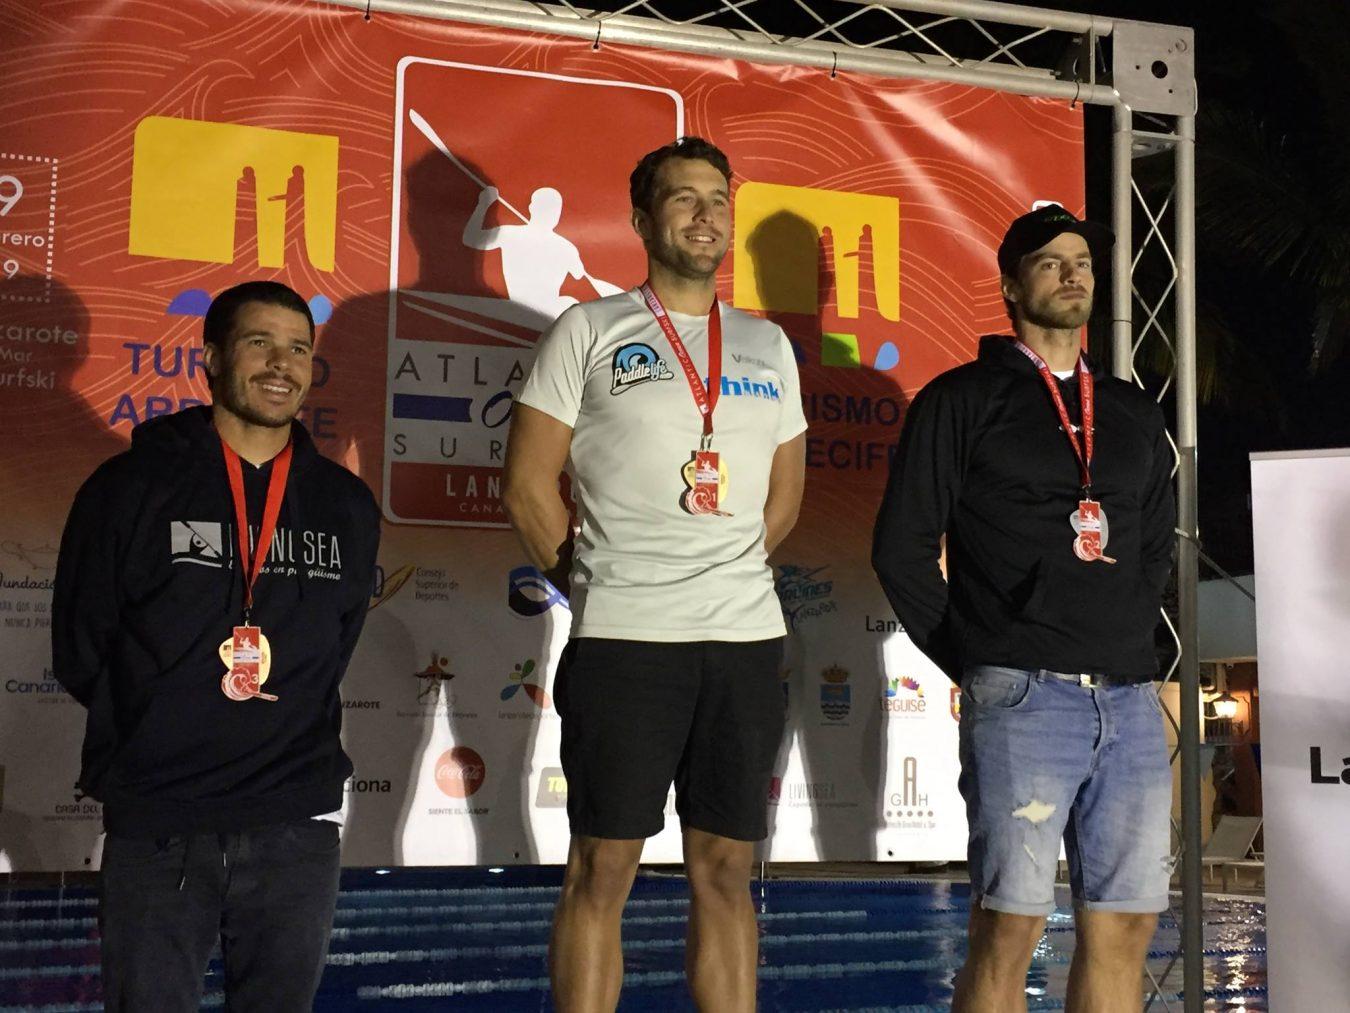 4º puesto para Bouzán en la Atlantic Ocean Race de Lanzarote. Kiko 9º y Luis Amado 10º